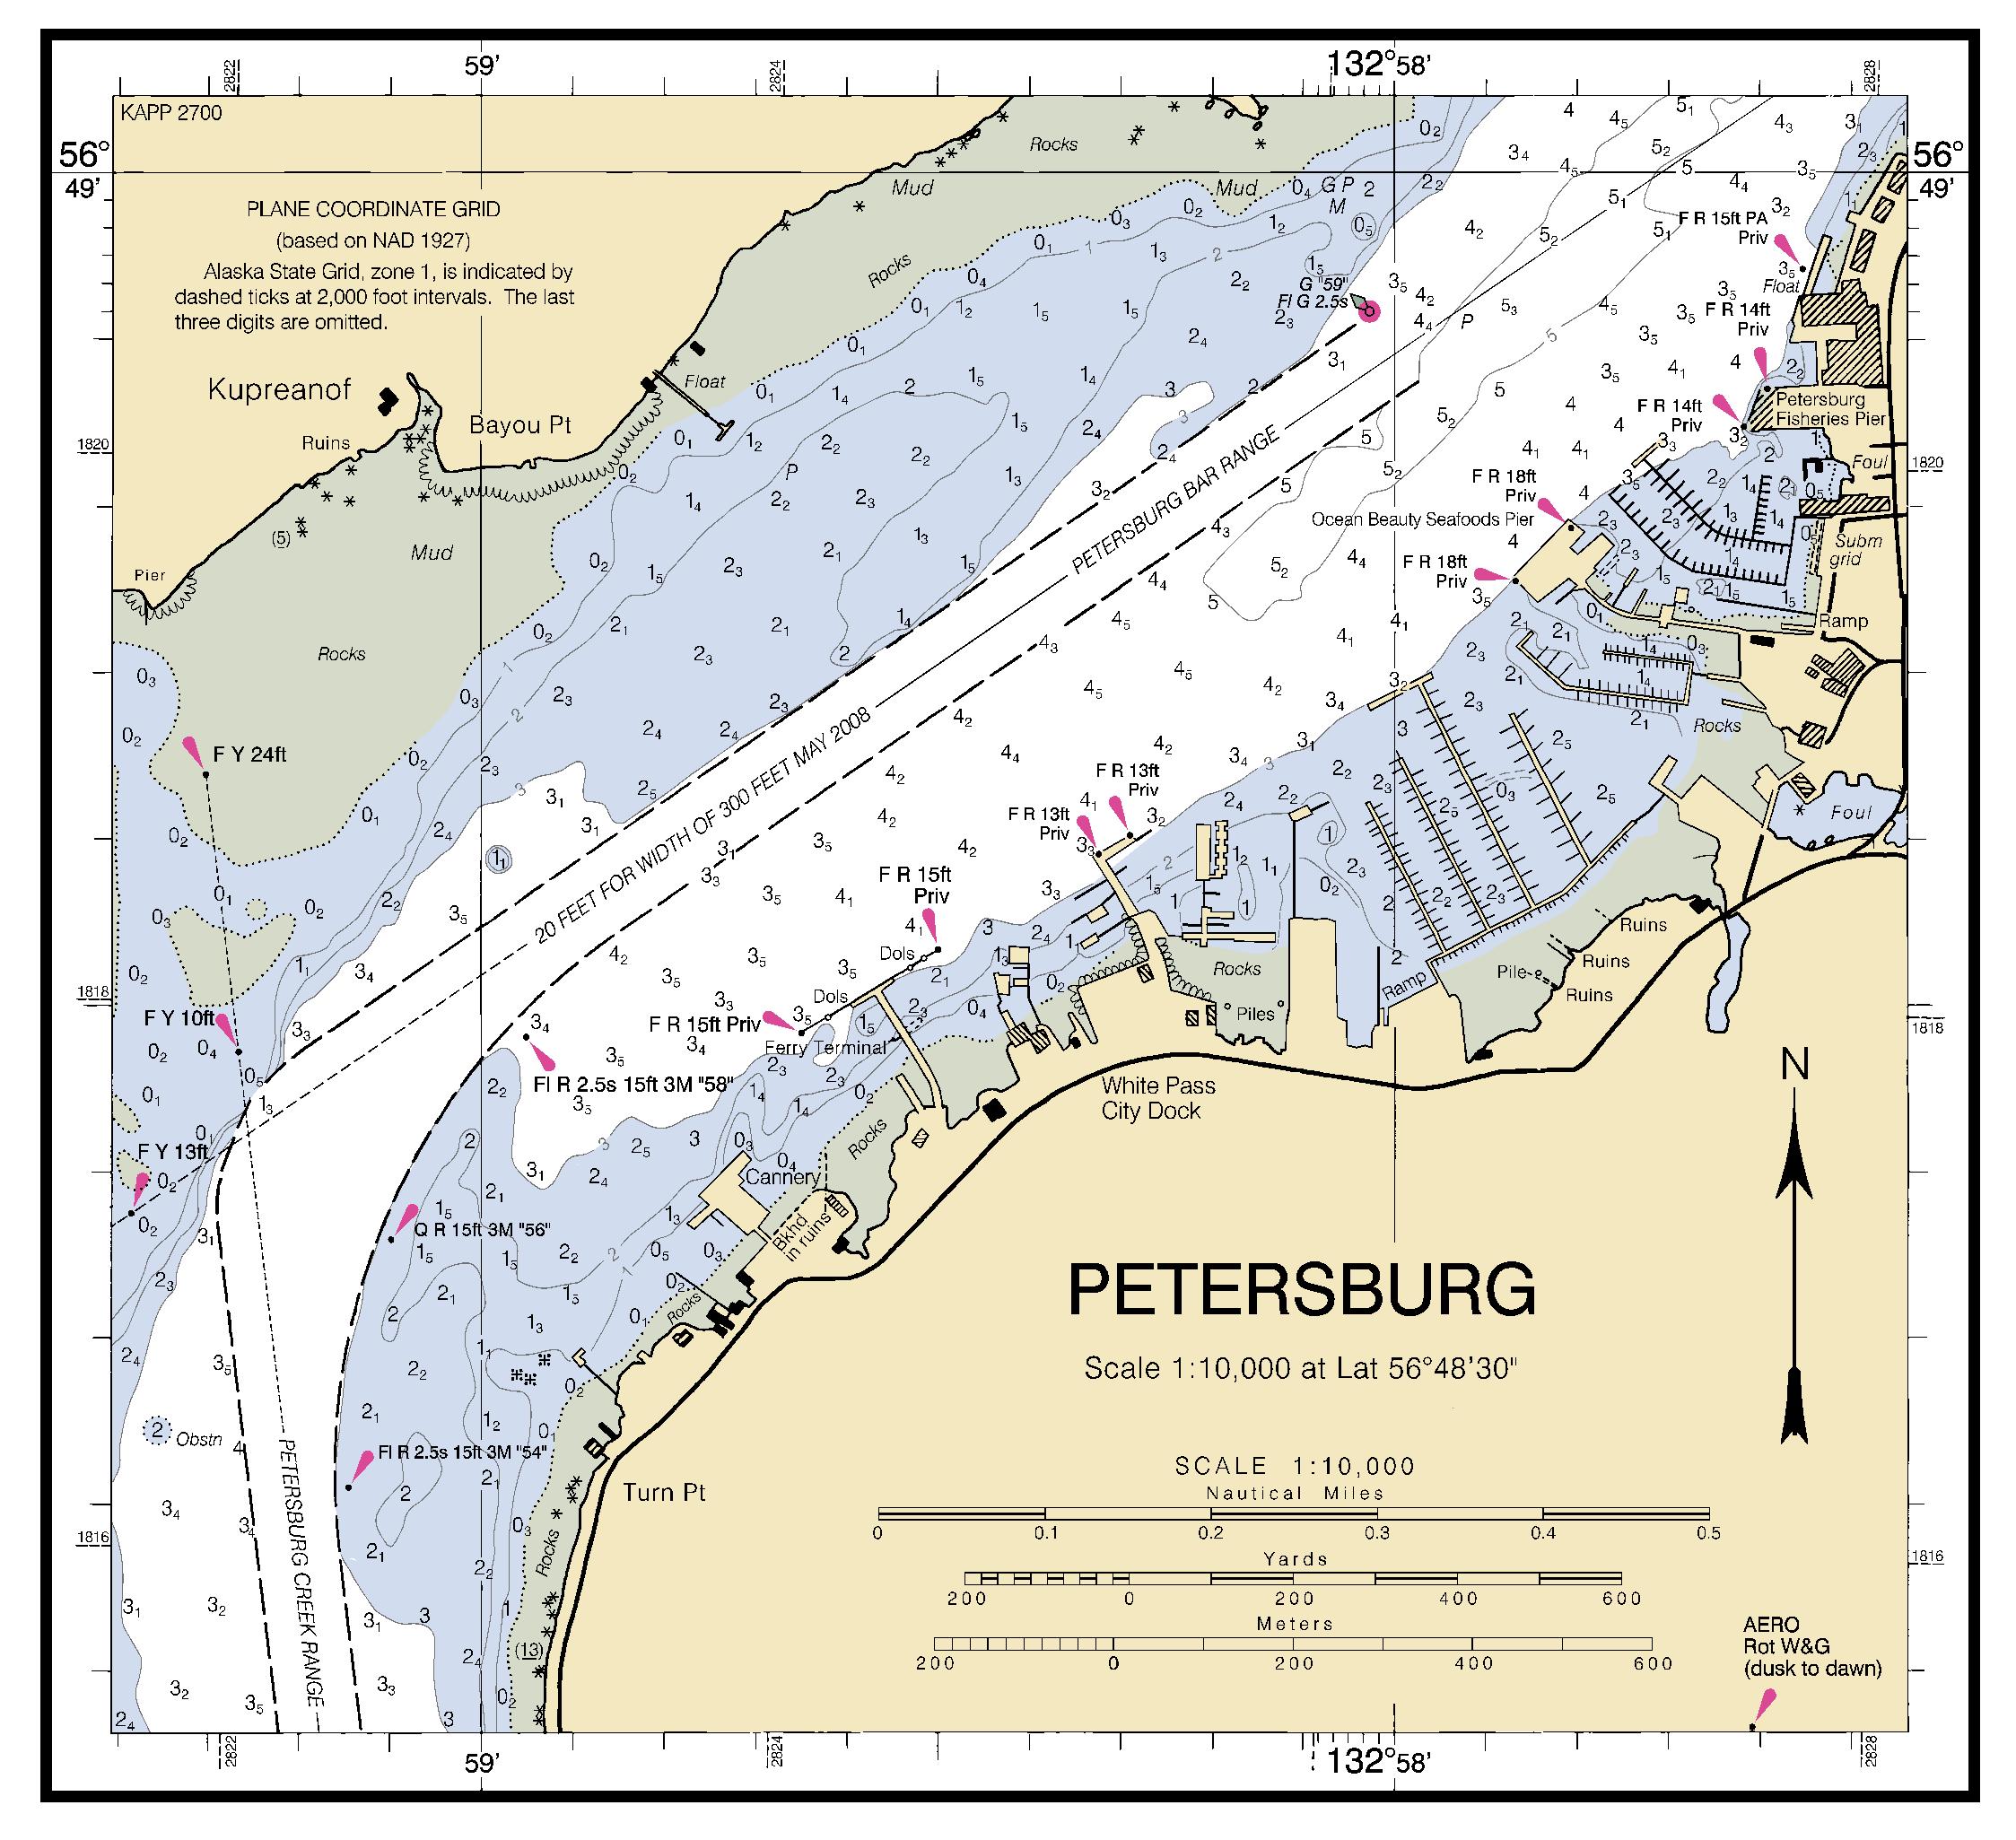 Petersburg Nautical Chart -  U039d U039f U0391 U0391 Charts